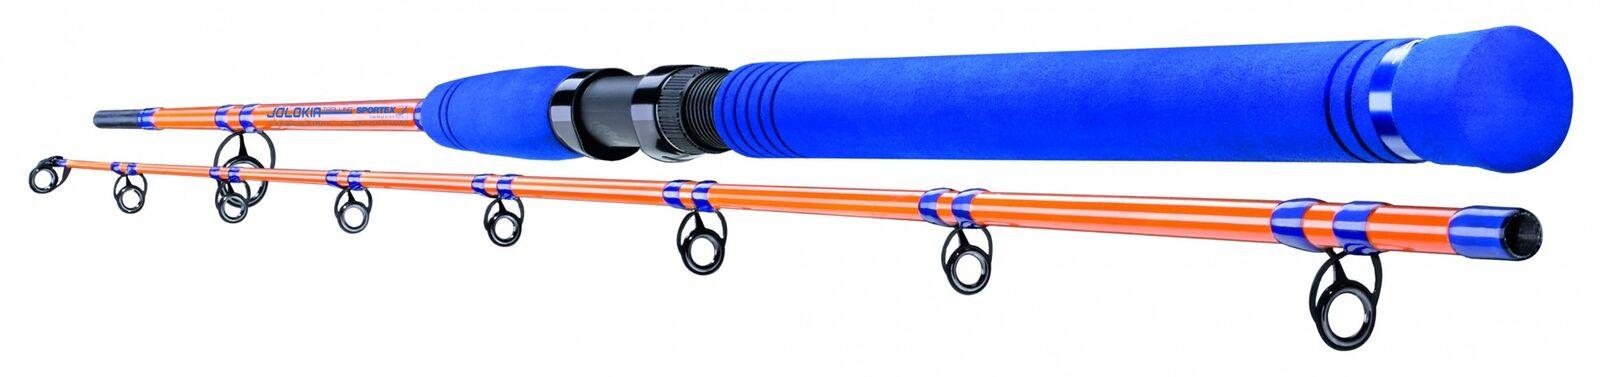 Sportex Sportexrute Trolling JO2112 2,10m 10-20lbs Jolokia Pilkrute Stiefelrute